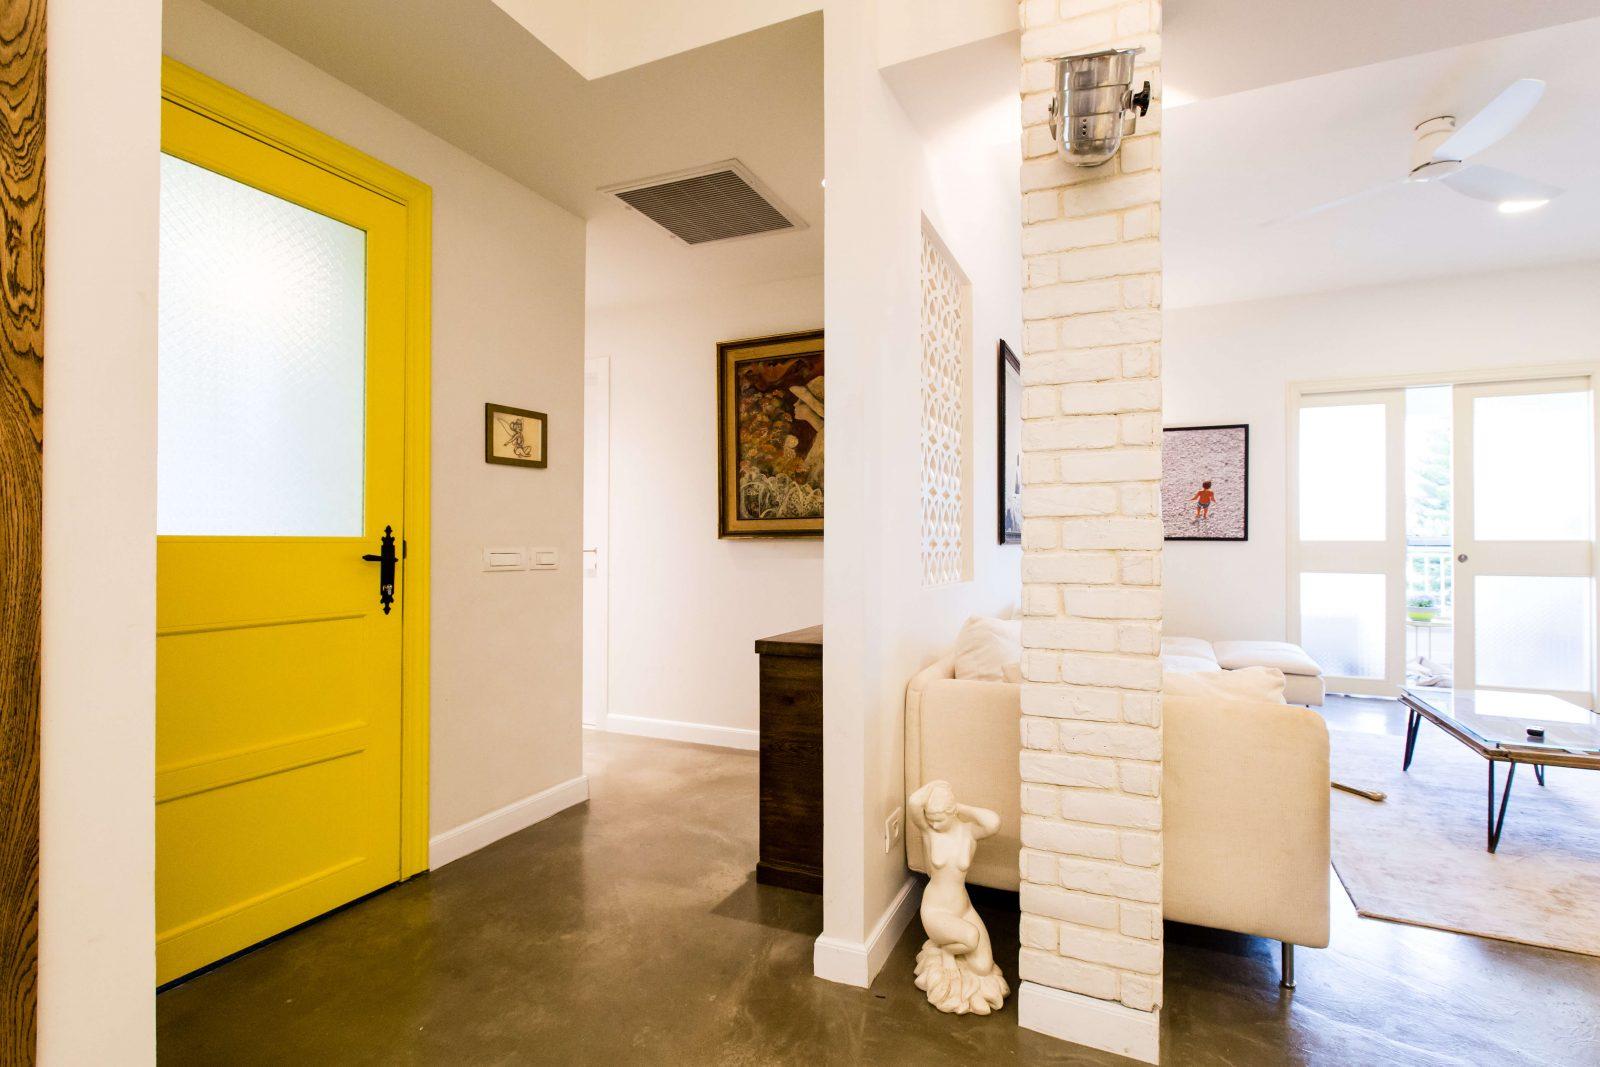 דלת כניסה לבית בצבע צהוב